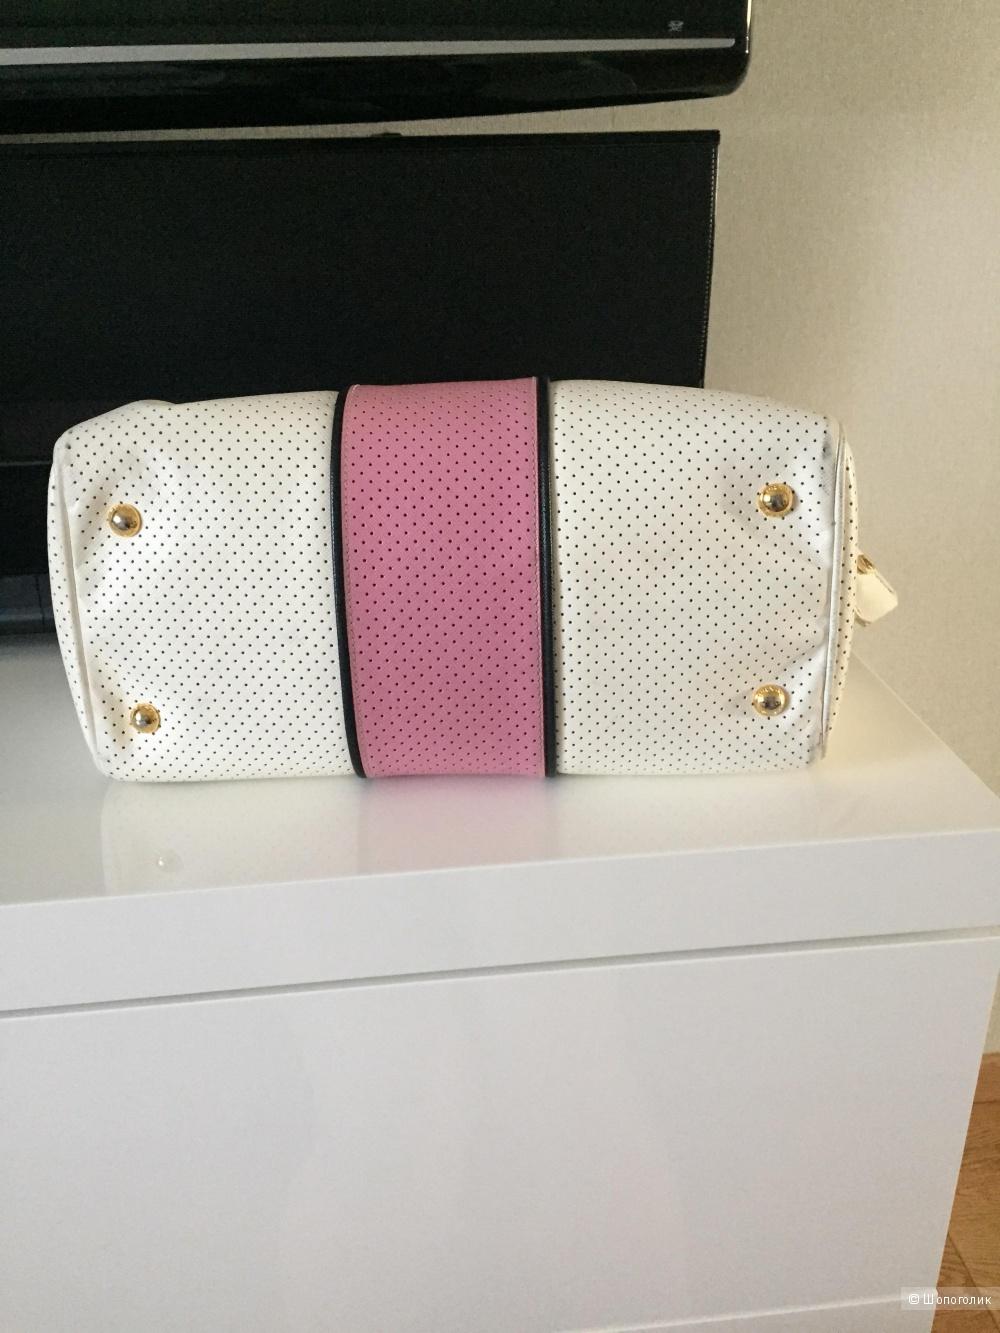 Как отличить сумку Chanel, Прада prada, Фурла и